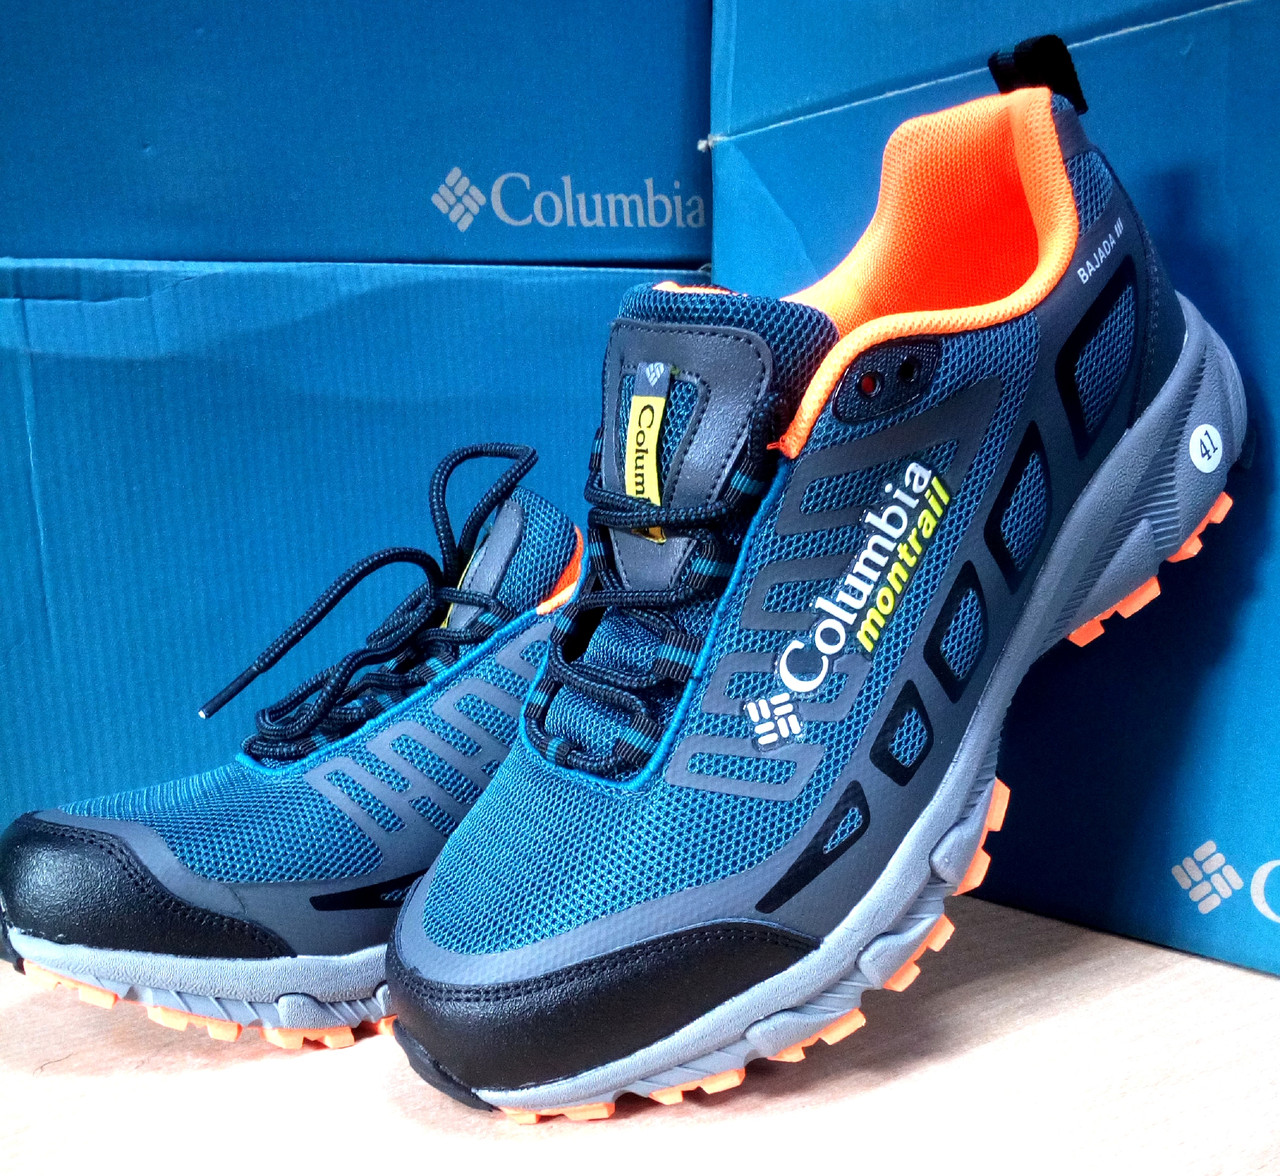 1cd0a4db Мужские кроссовки Columbia,лицензия.: продажа, цена в Сумах ...